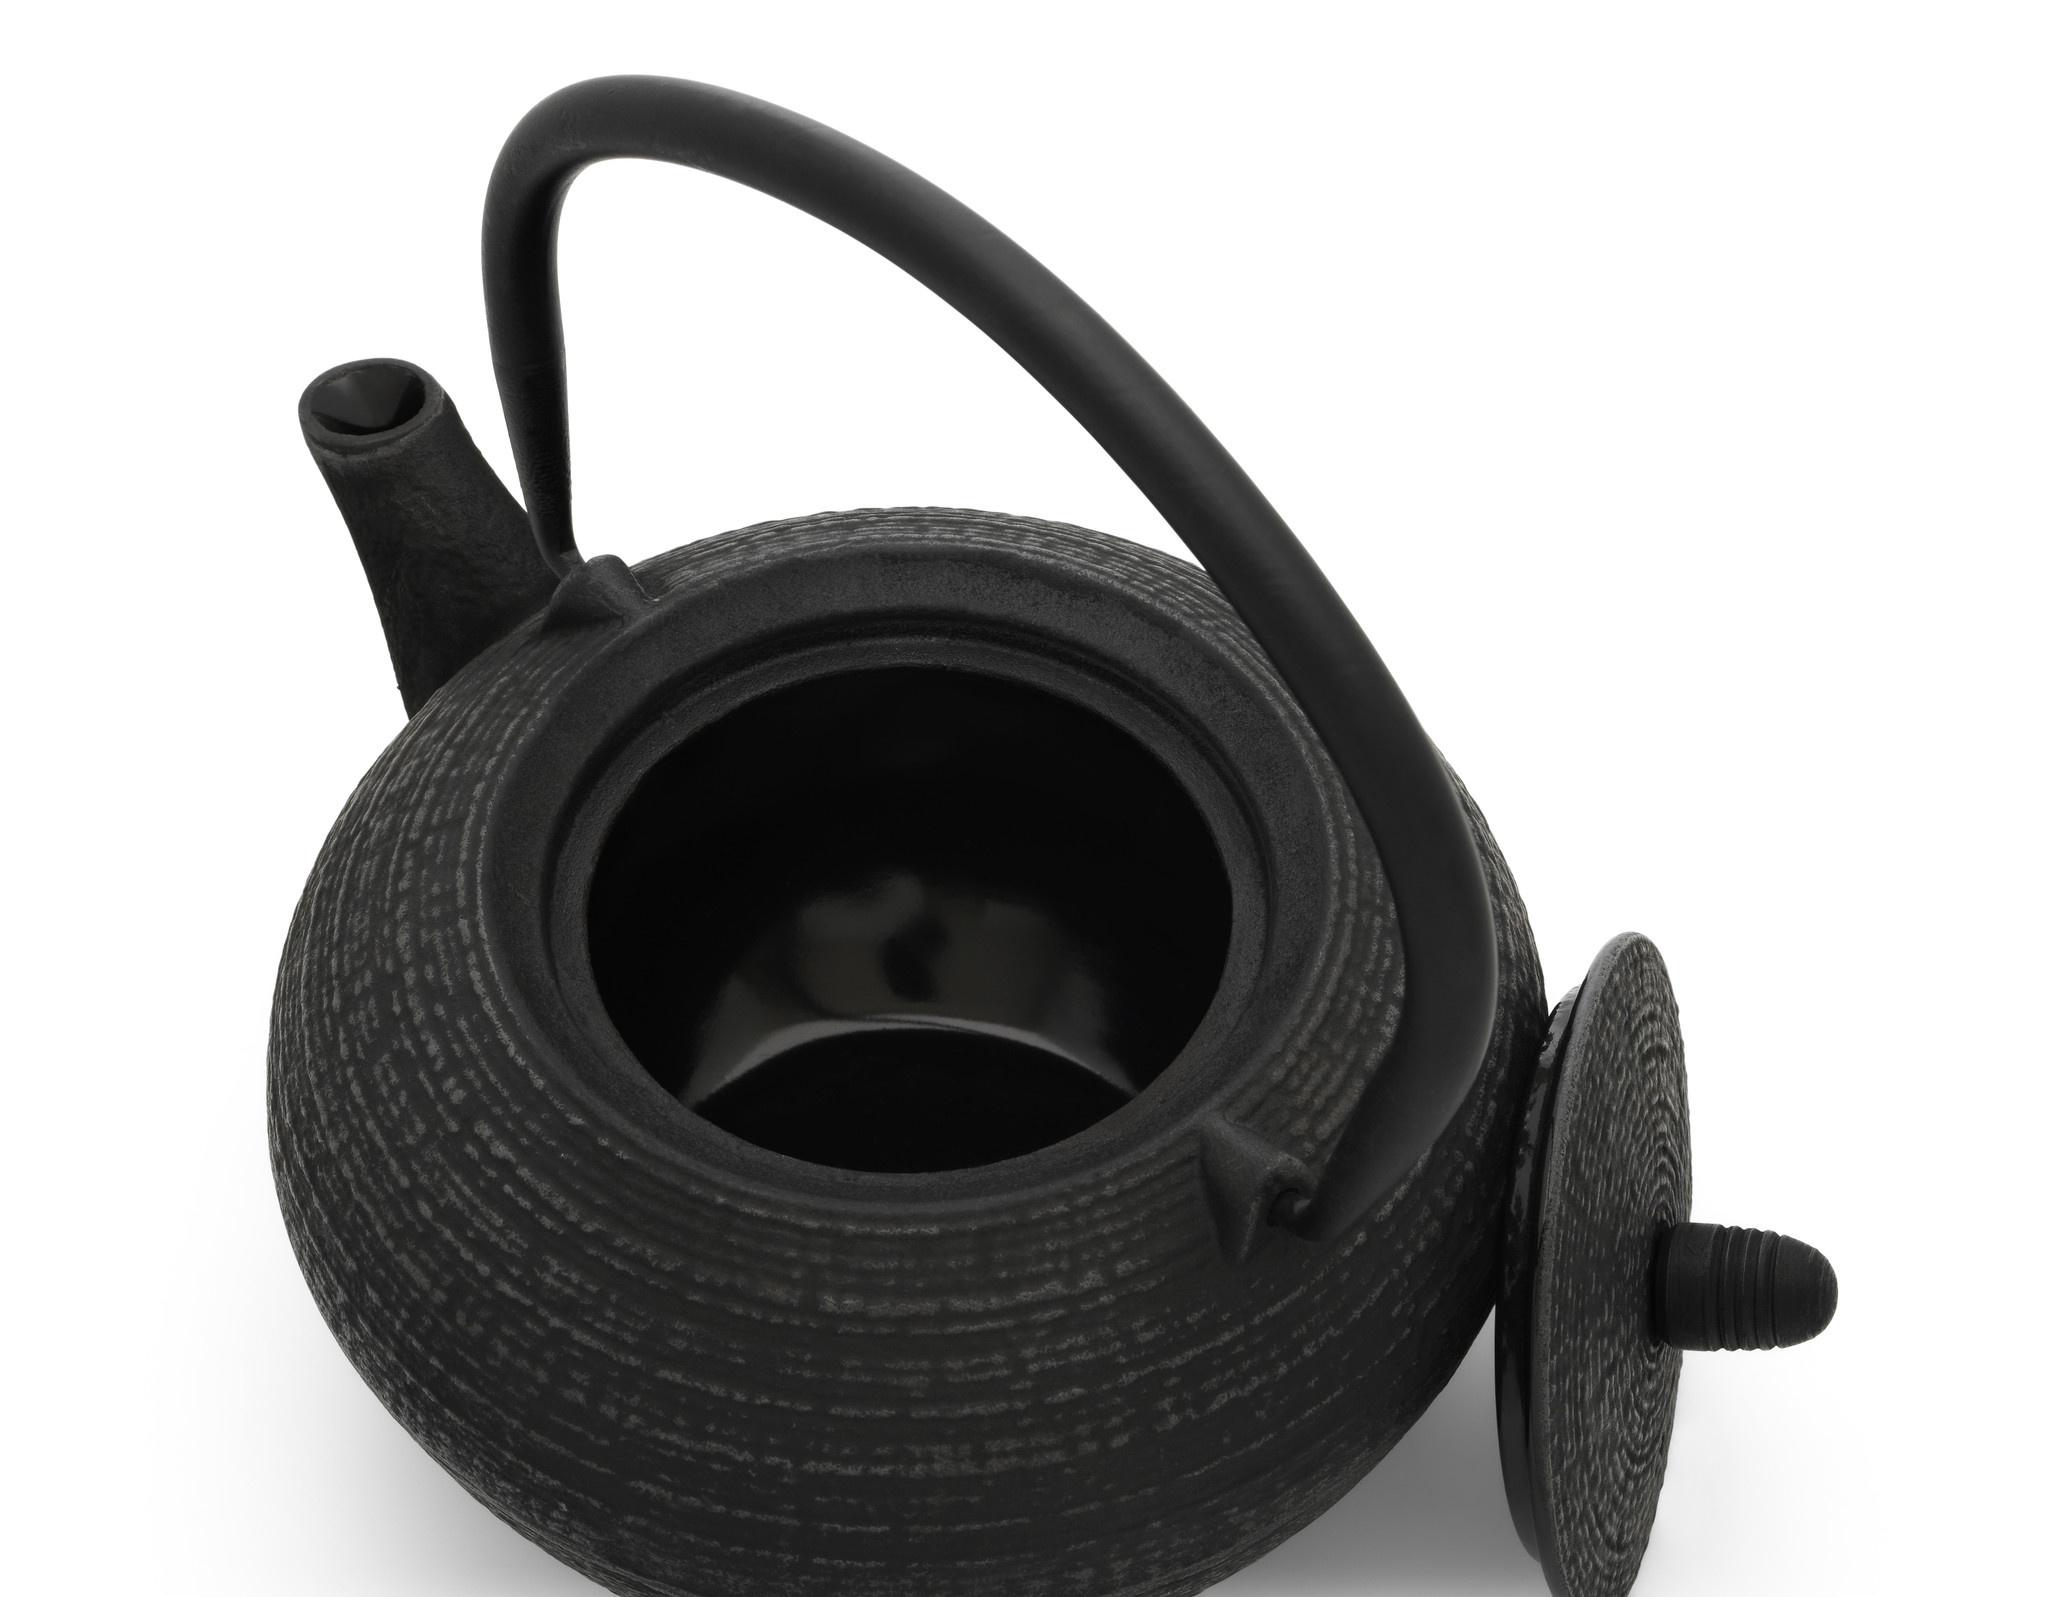 Theepot Tibet 1.2 L gietijzer zwart